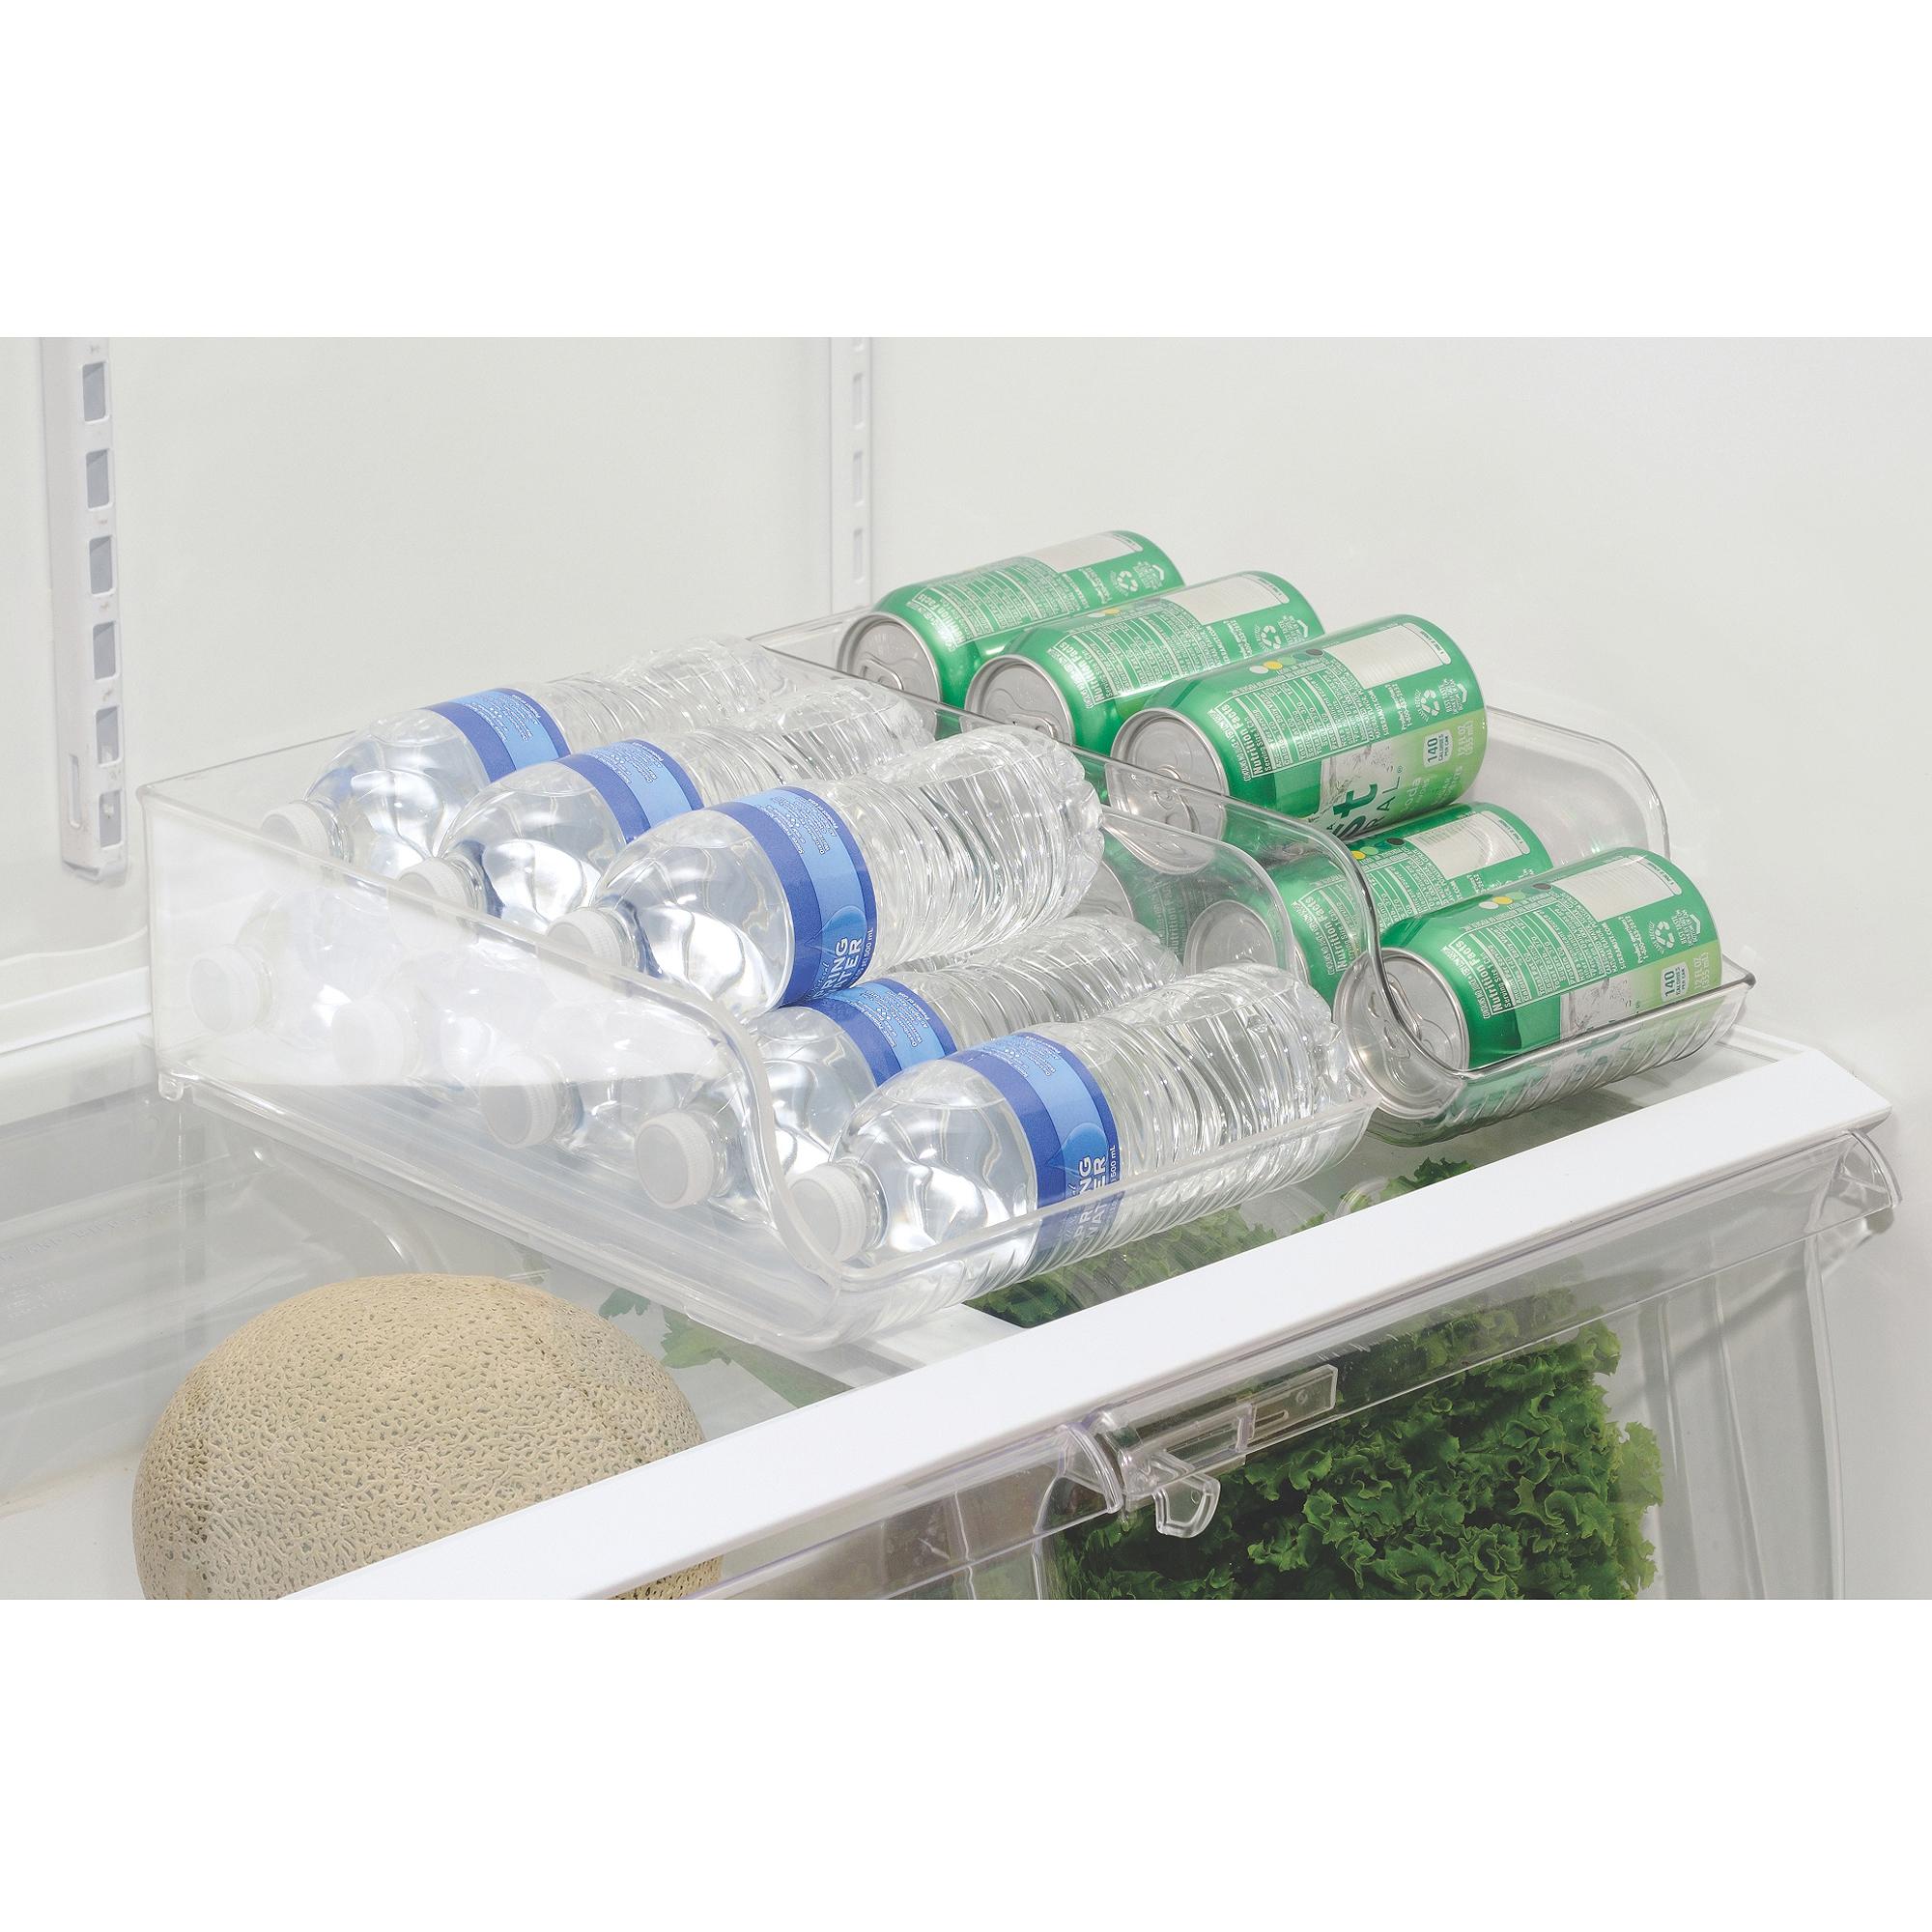 InterDesign Fridge Binz Water Bottle Holder